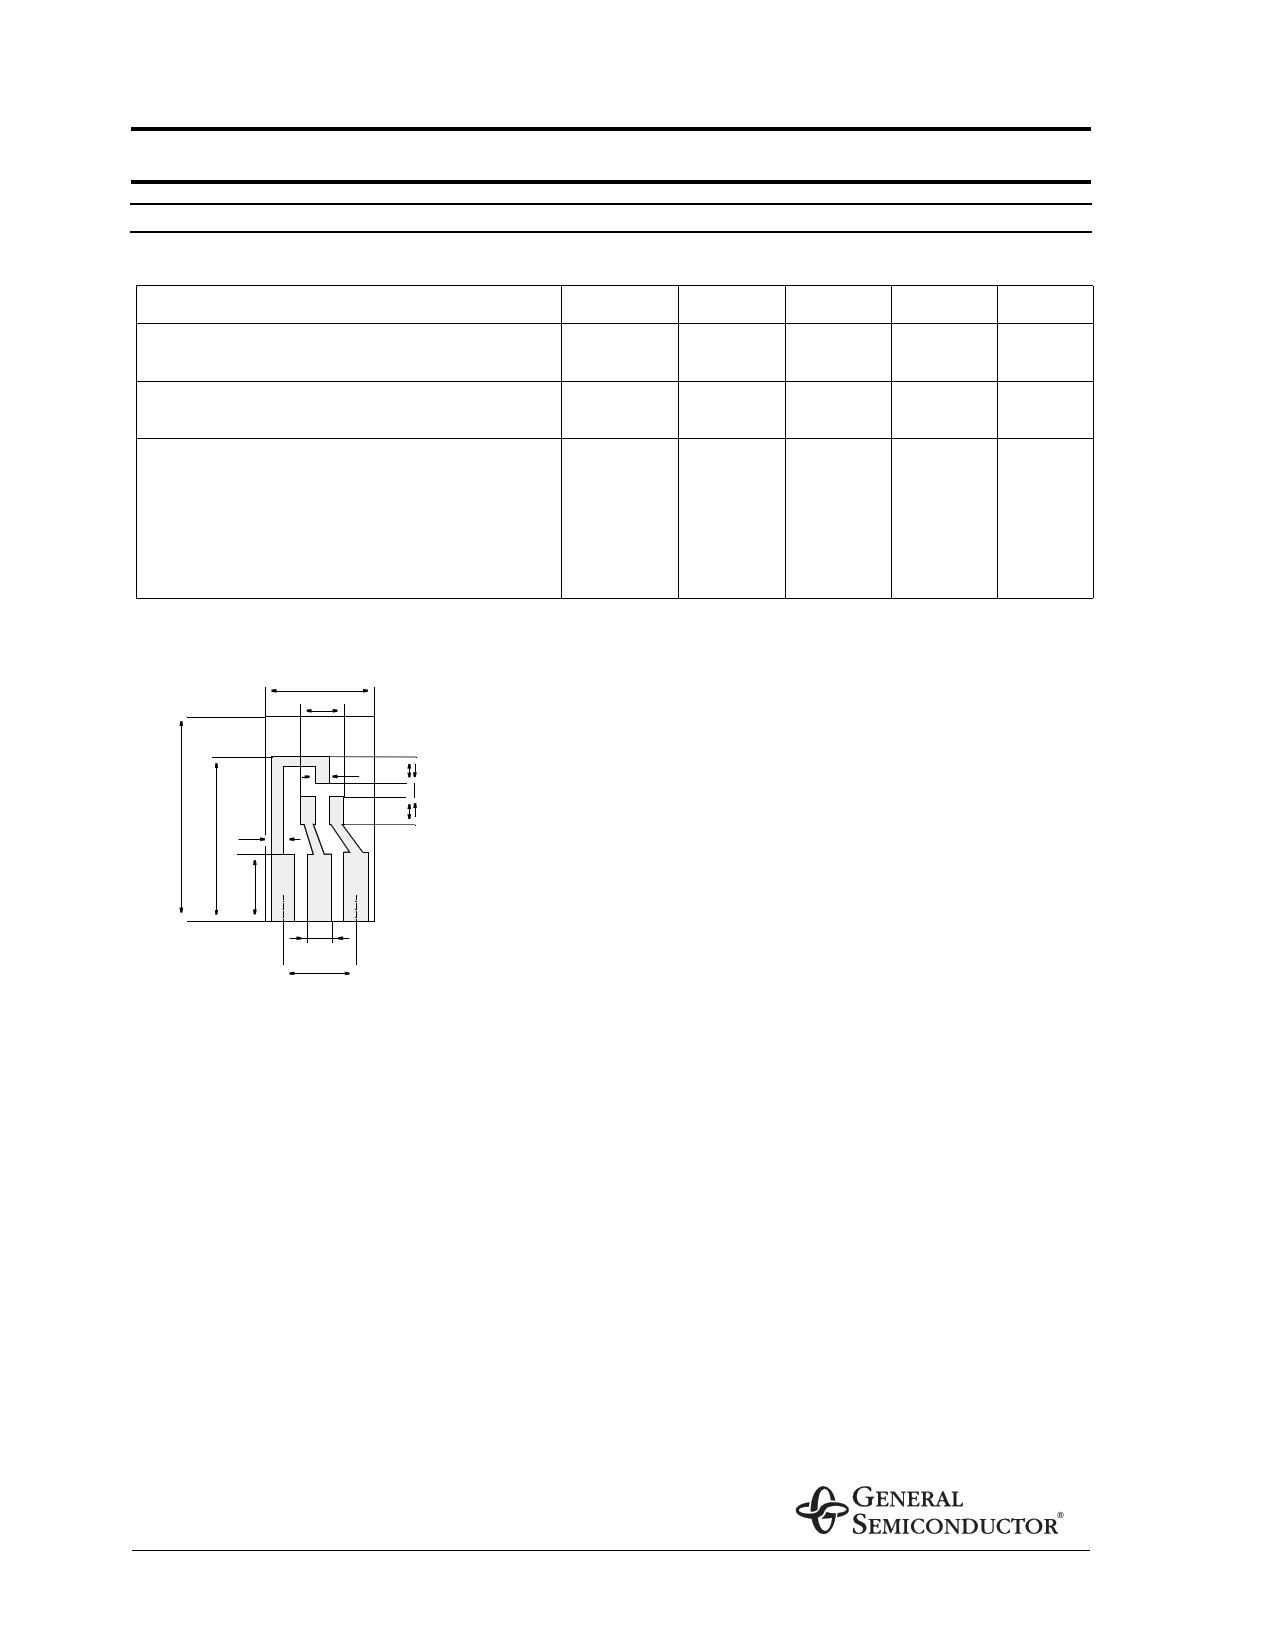 BC846 pdf, ピン配列